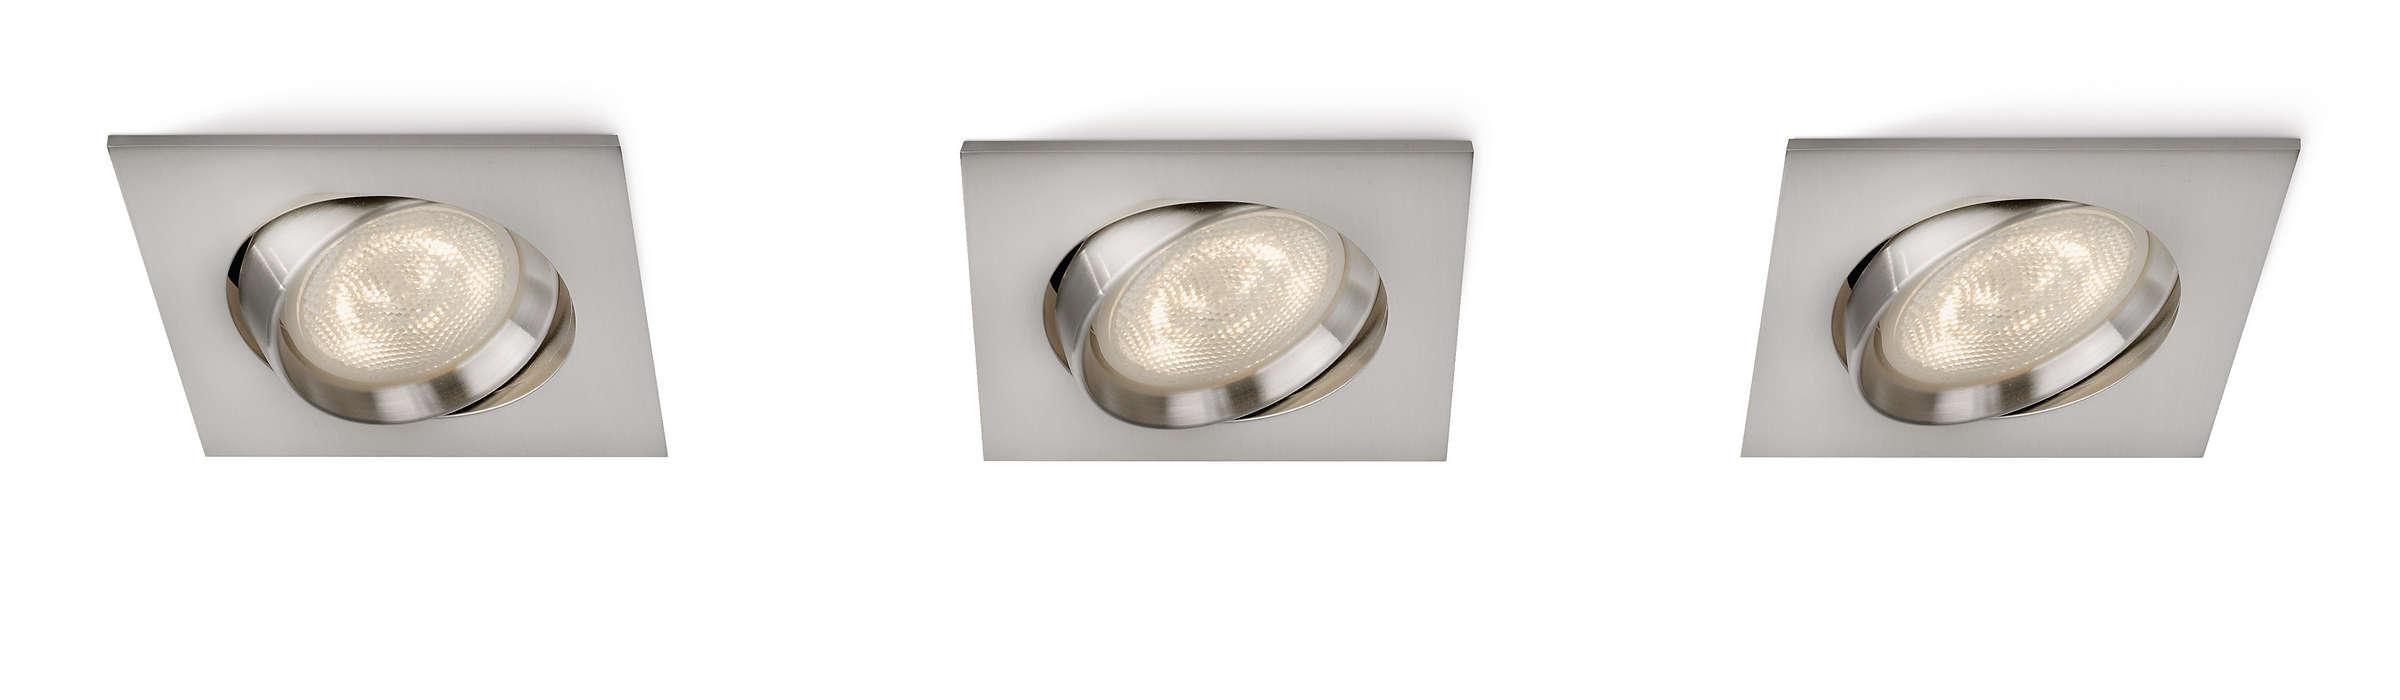 Realce a sua casa com luz